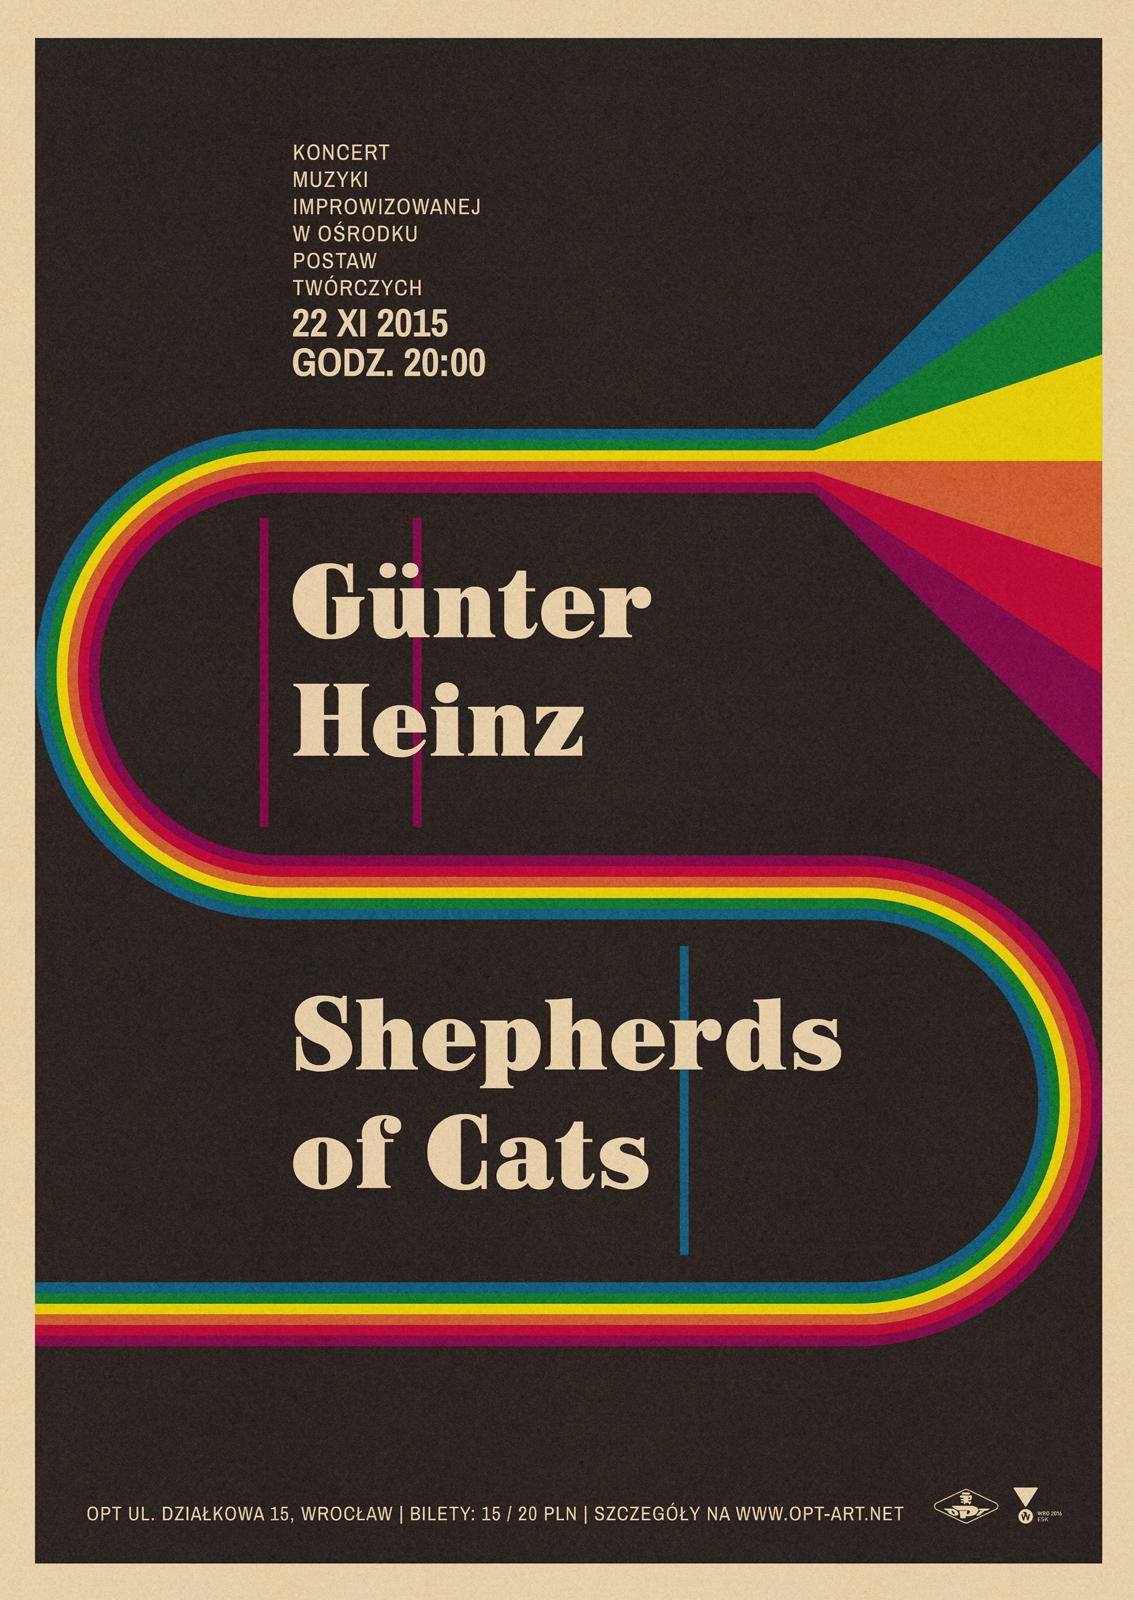 Günter Heinz i Shepherds of Cats – plakat (źródło: materiały prasowe organizatora)